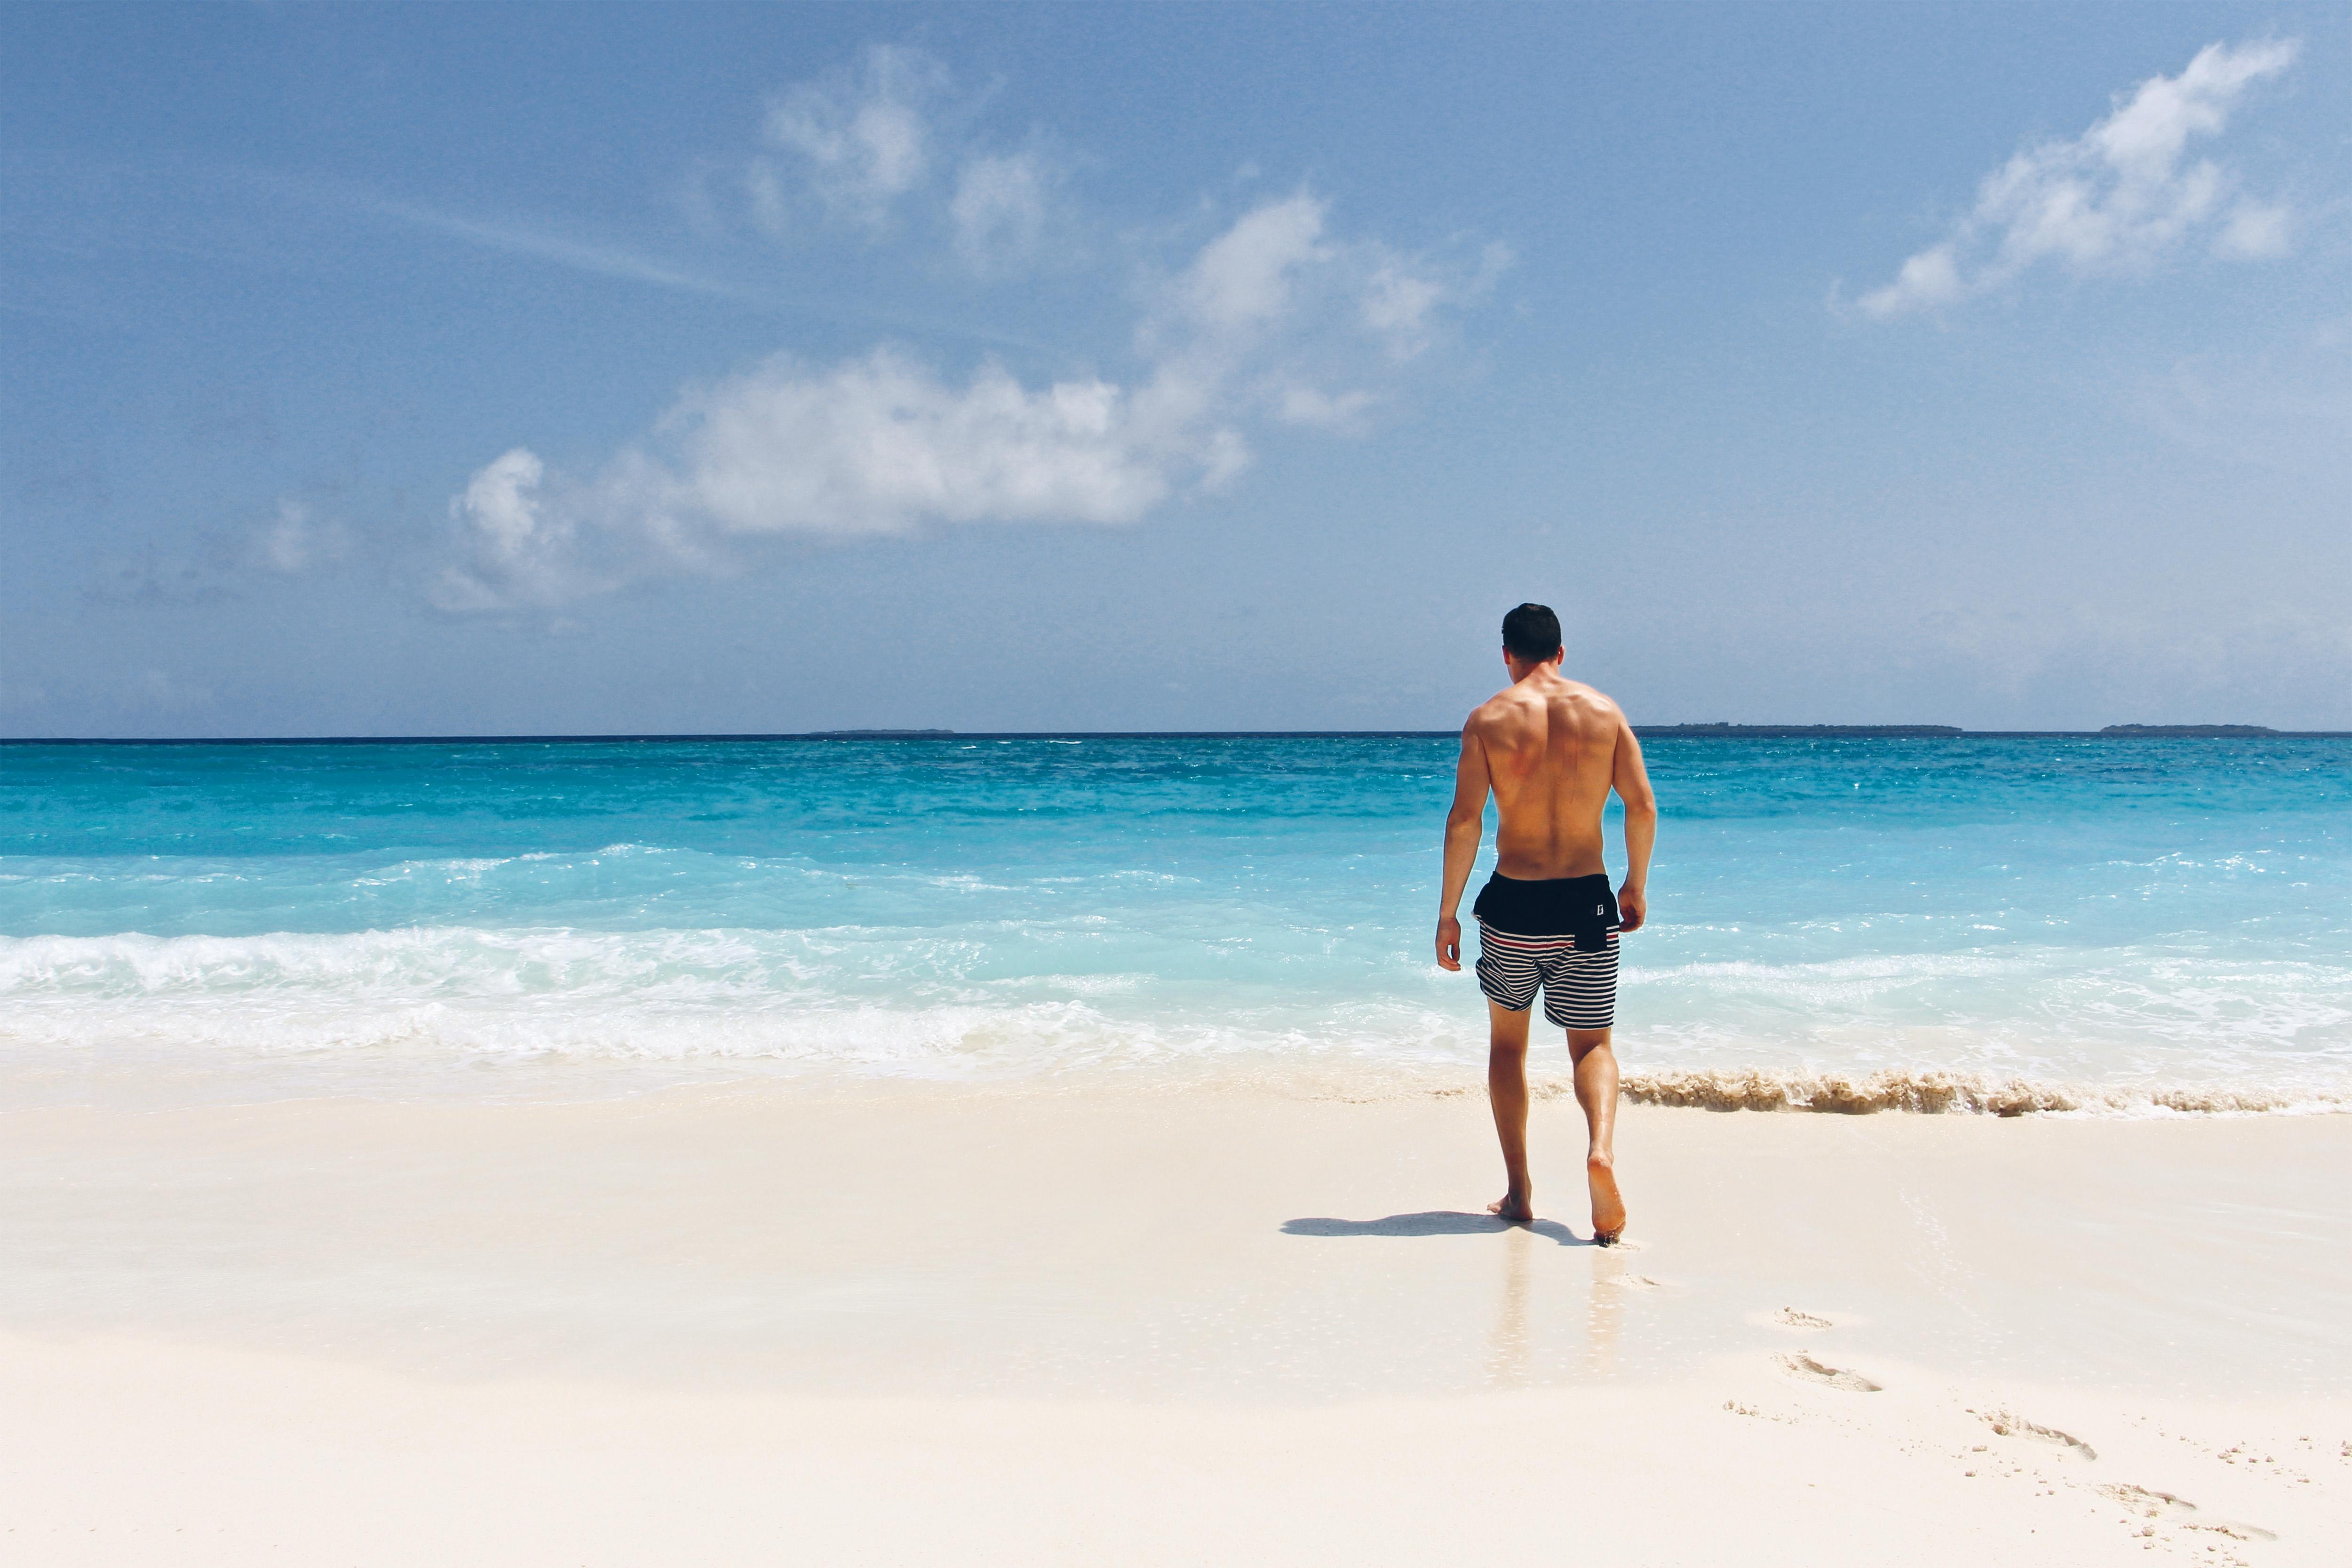 парень картинки побережья и людей желанию клиента делаем